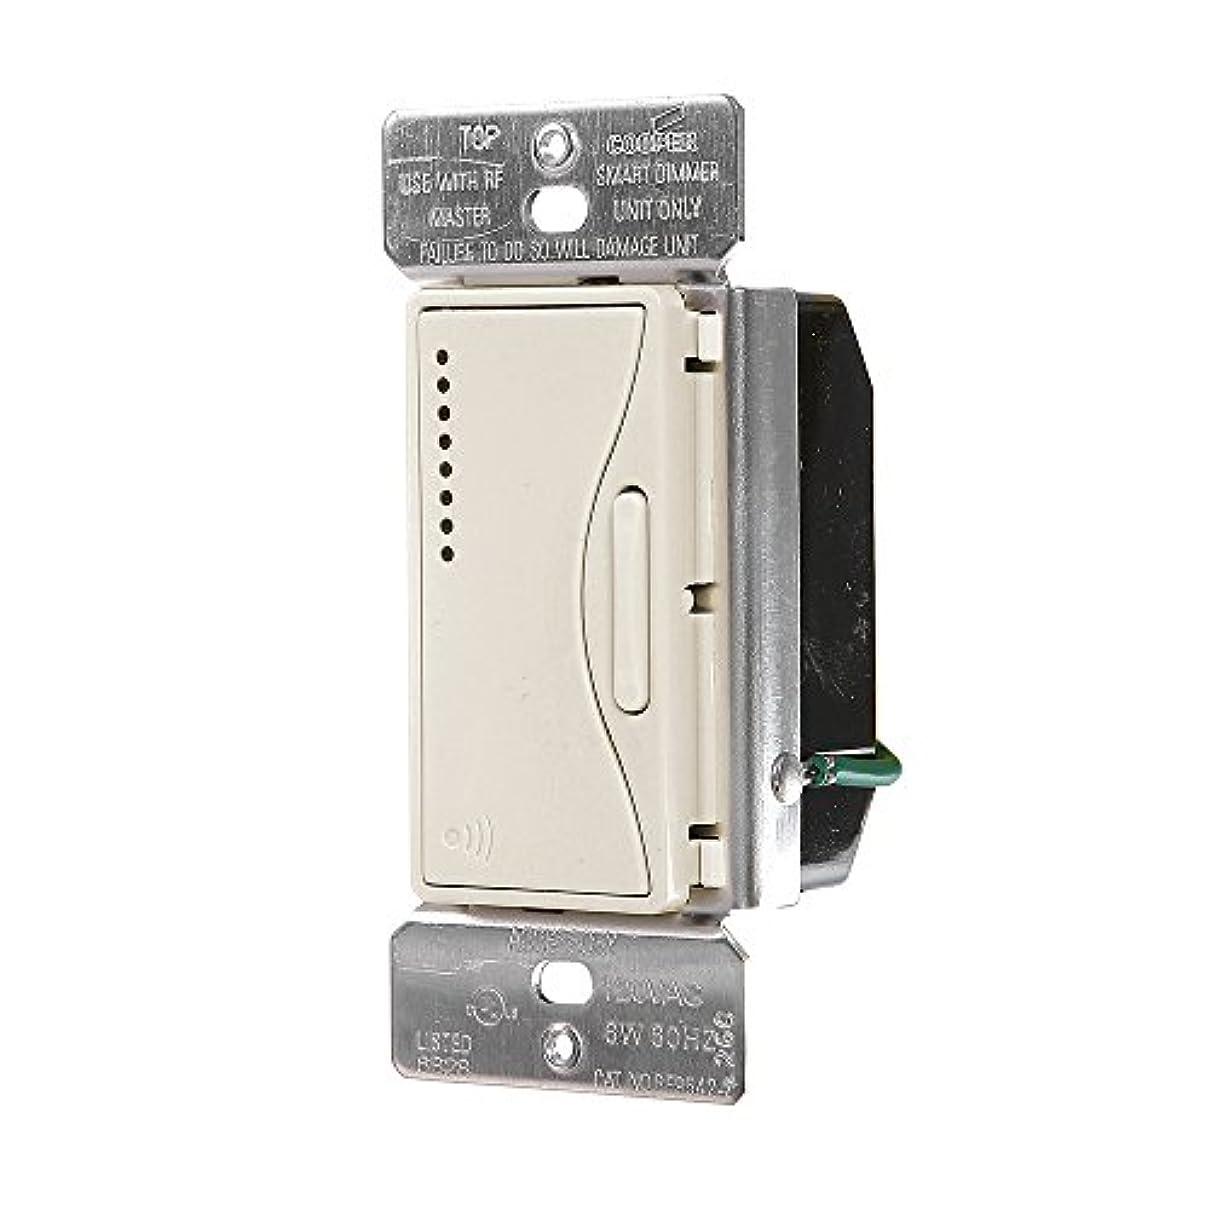 あいさつひねくれた見つけるクーパーAspire RFスマートディマー、Decorator ブラウン RF9542-ZDLA 1